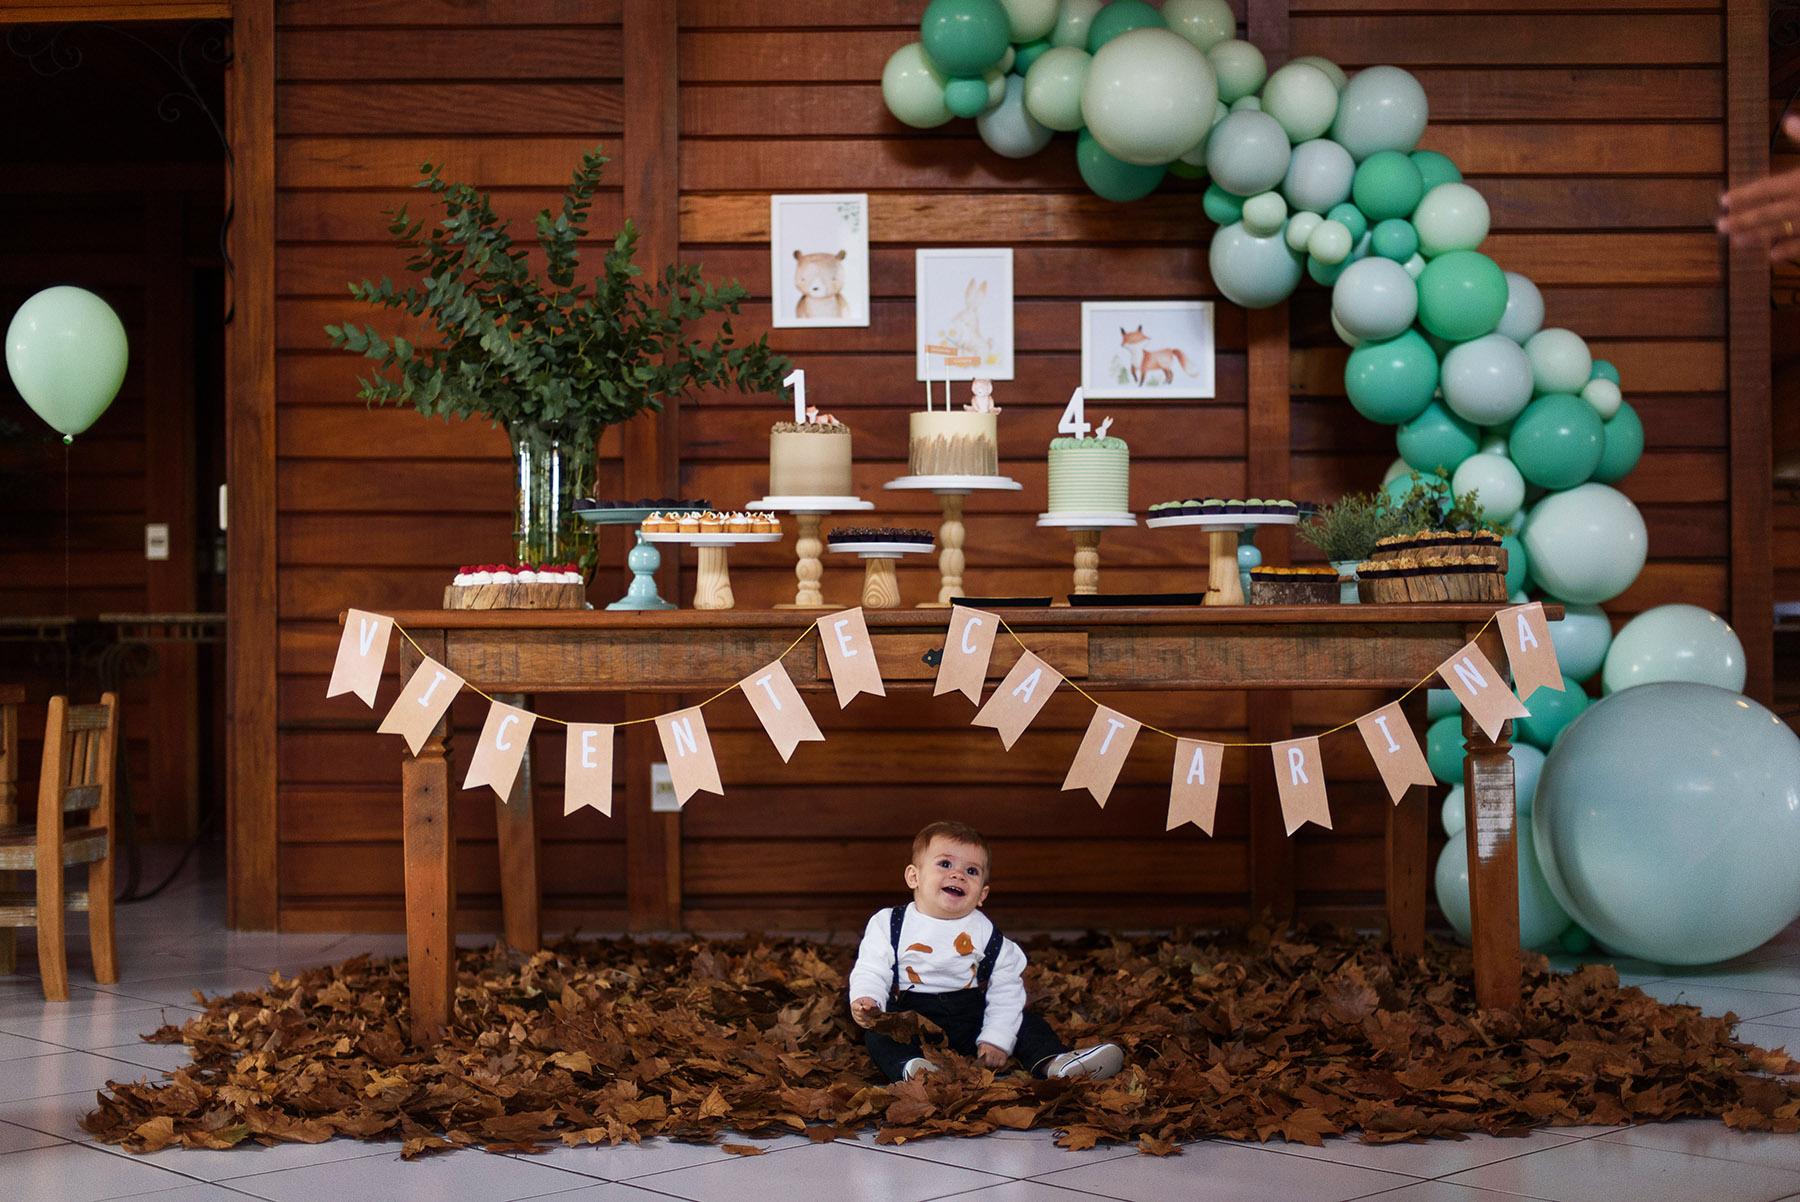 06-festa-infantil-dupla-ao-ar-livre-allegro-guswanderley.jpg